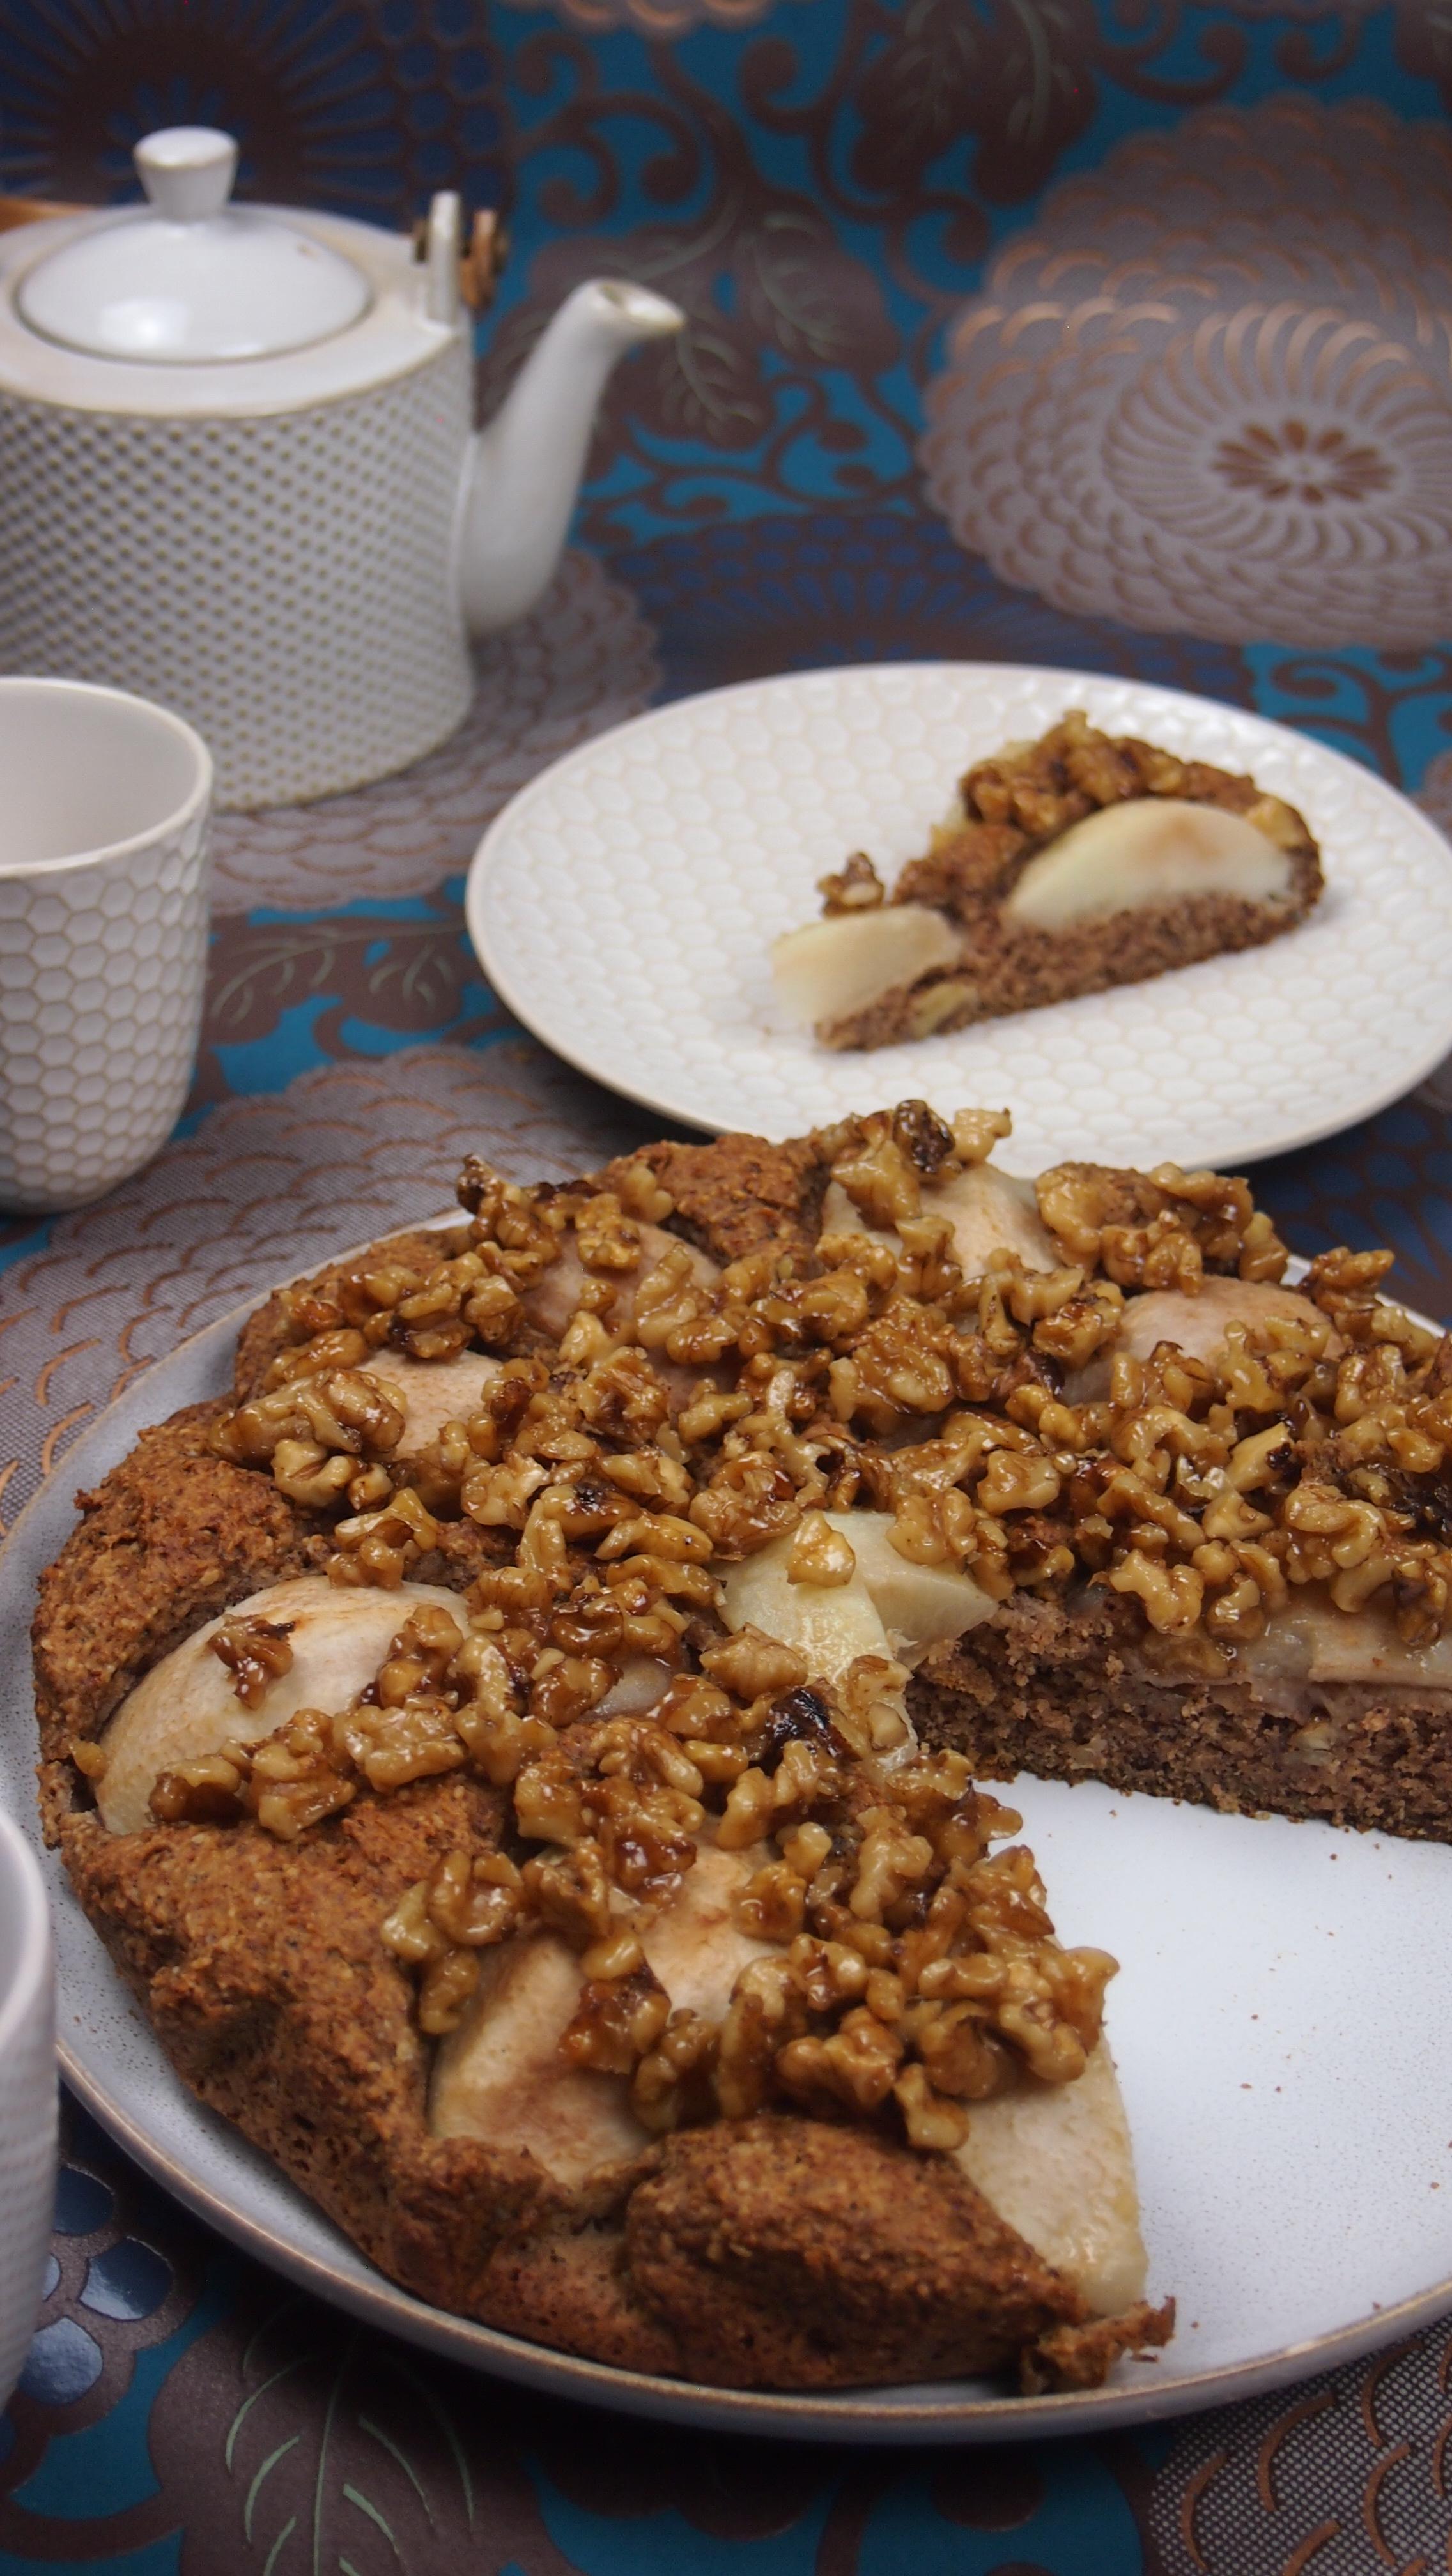 Gesunder Birnenkuchen ohne raffinierten Zucker